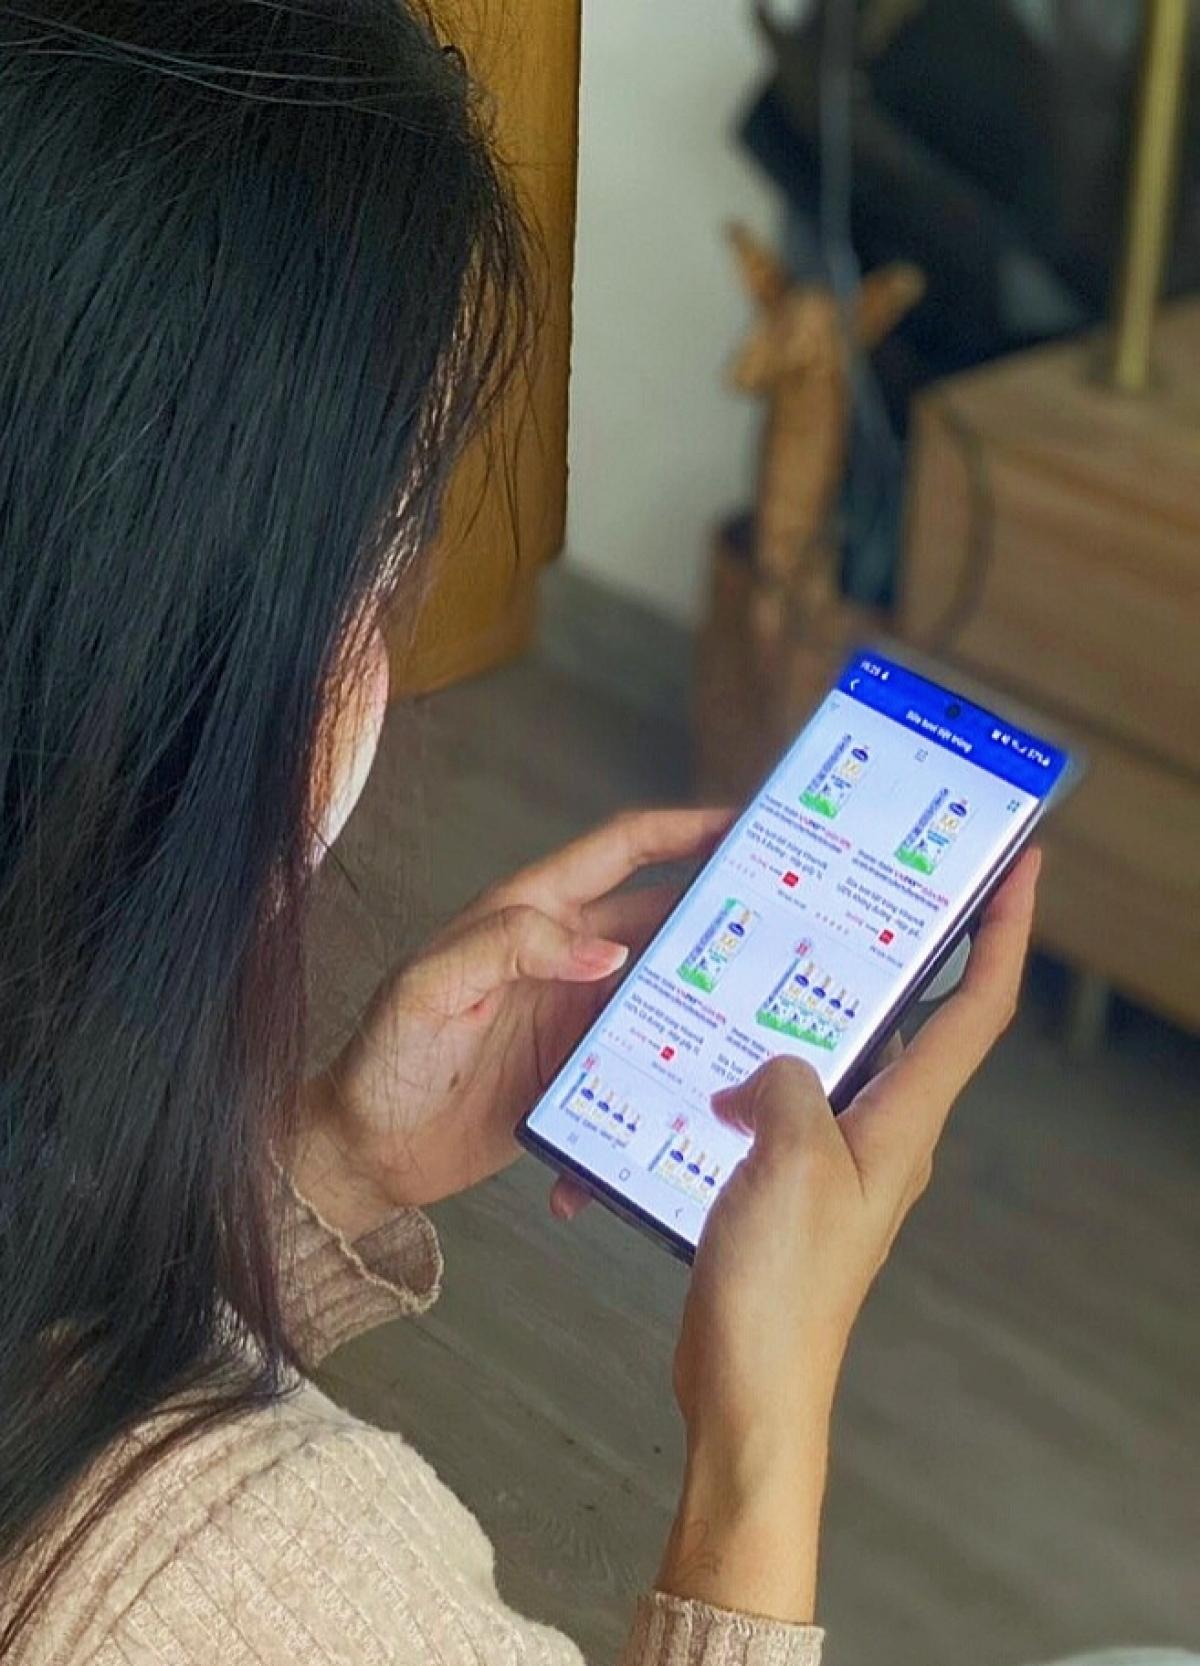 """Mua sản phẩm Vinamilk thông qua ứng dụng """"Giấc mơ sữa Việt"""" giúp các mẹ an tâm giãn cách xã hội."""